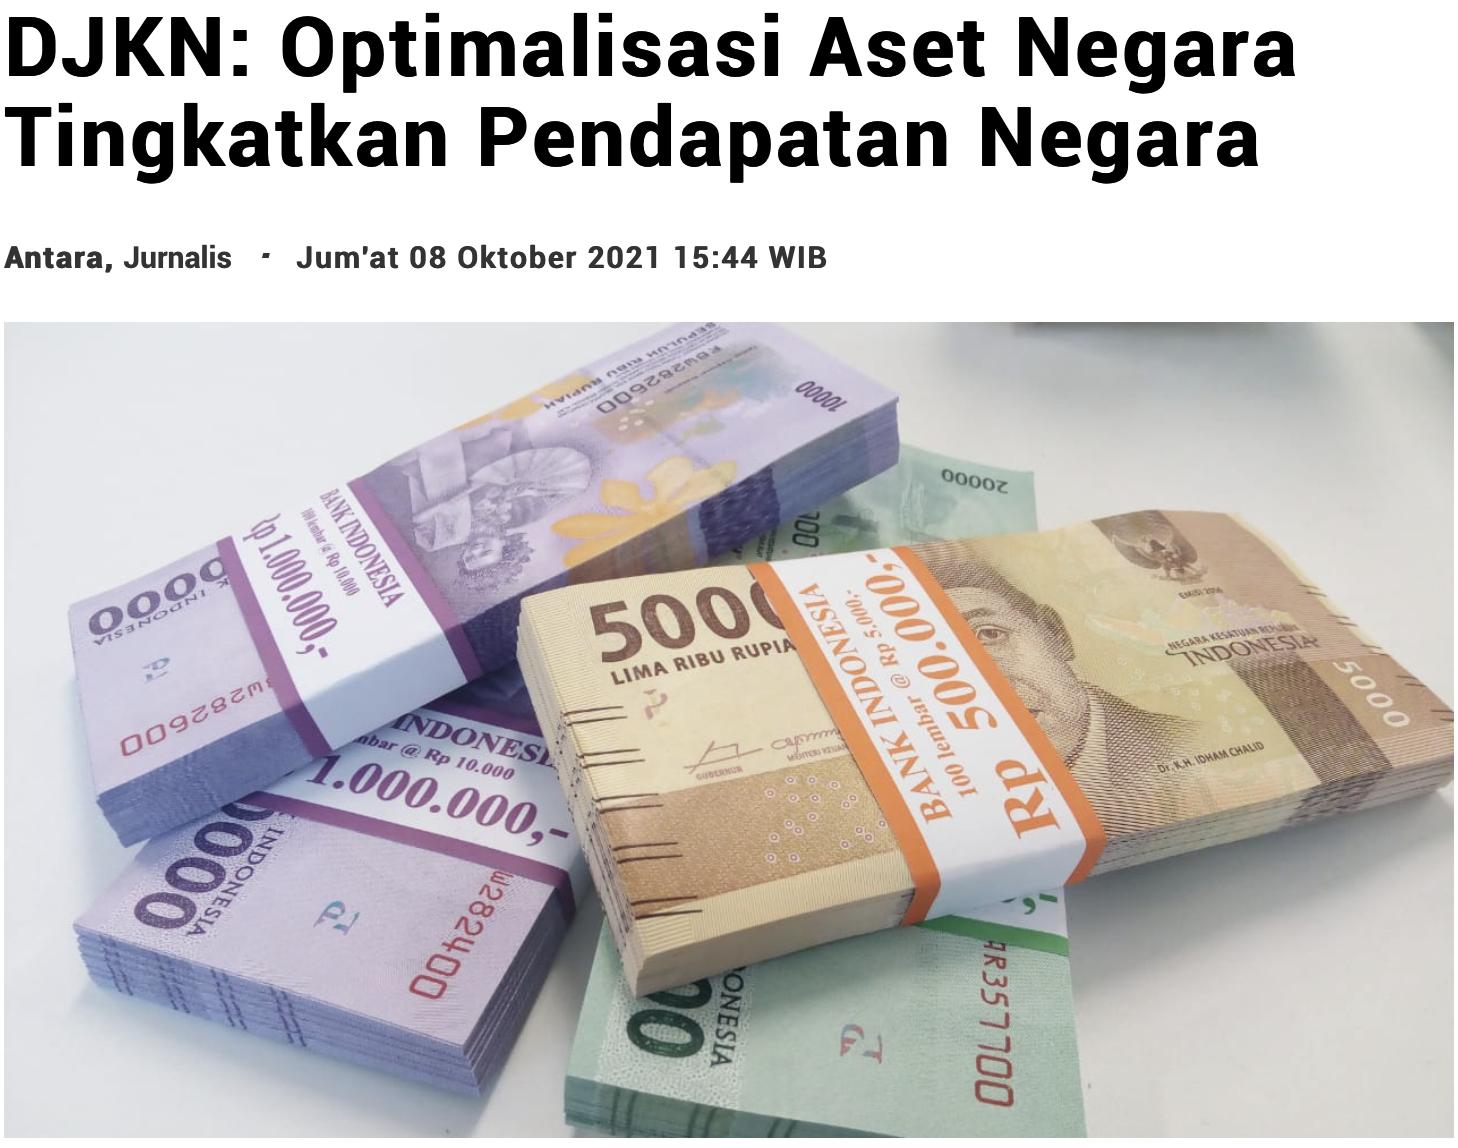 DJKN: Optimalisasi Aset Negara Tingkatkan Pendapatan Negara